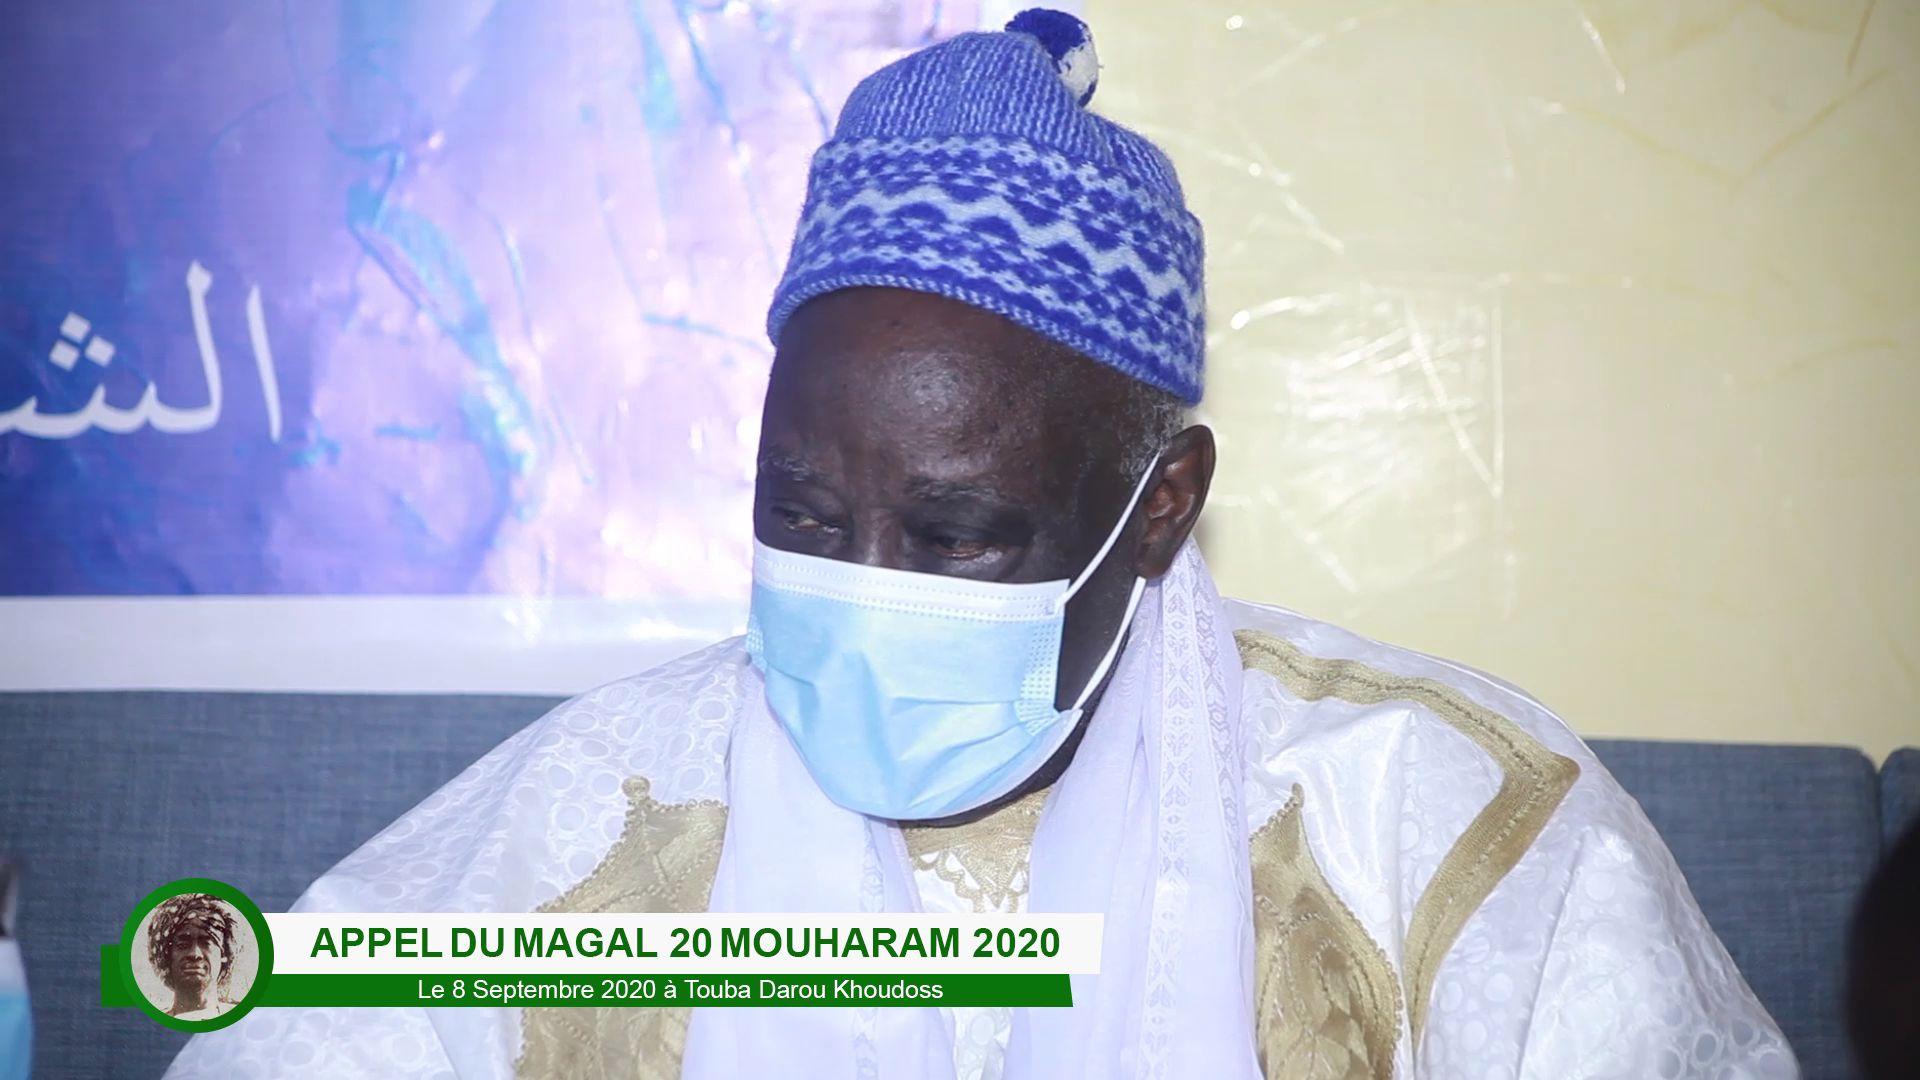 SERIGNE AHMADOU MOKHTAR MBACKÉ RECTIFIE : «Jamais il n'a été question de ne pas célébrer le magal de Darou Khoudoss»